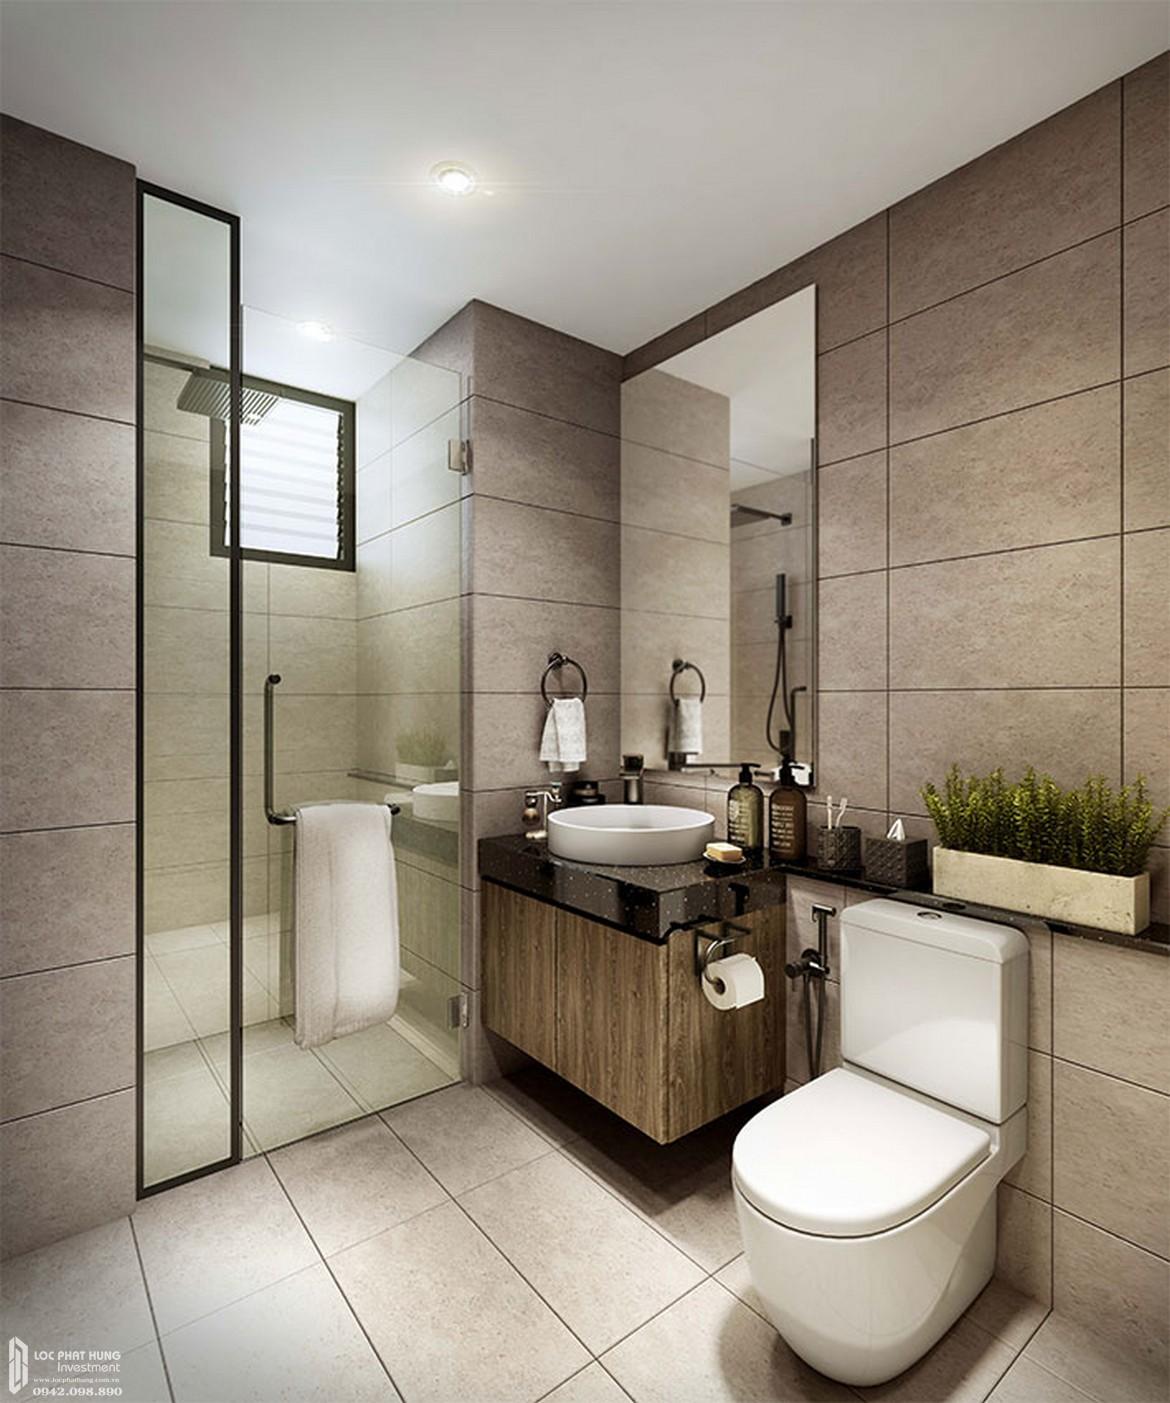 Thiết kế khu vực Toilet Master căn hộ mẫu dự án căn hộ Define Capitaland Quận 2.